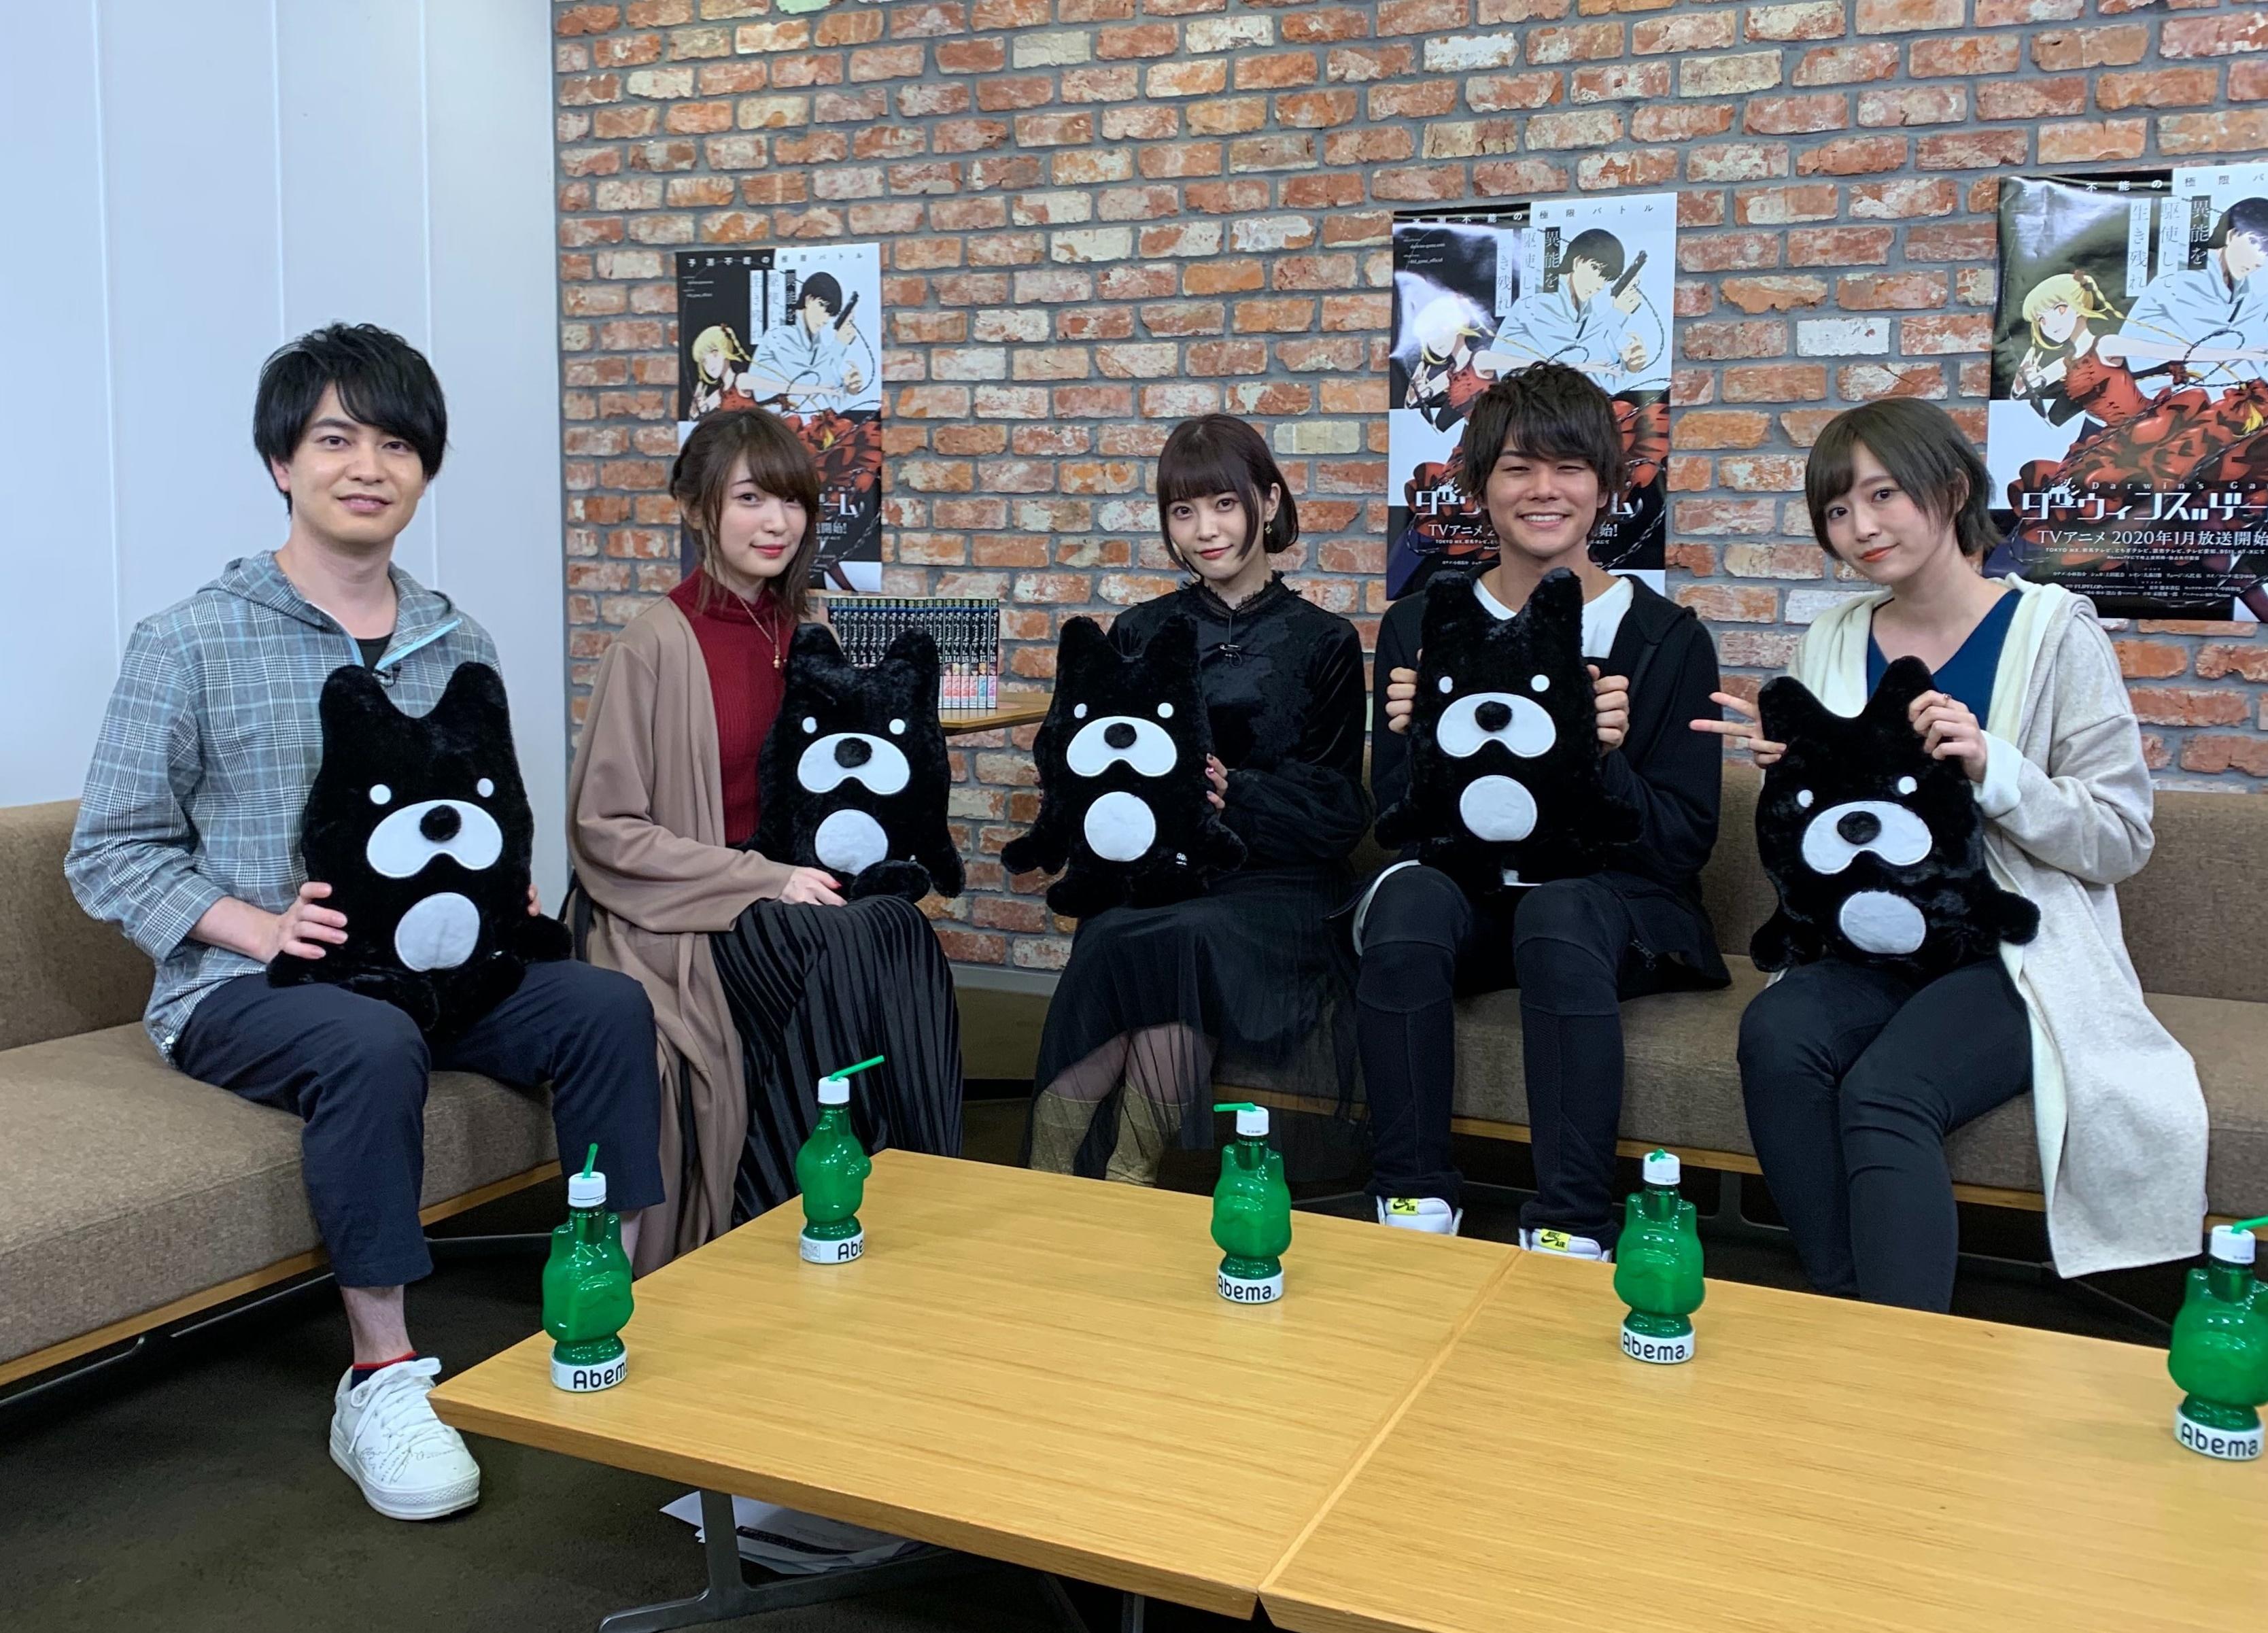 『ダーウィンズゲームTV』小林裕介&上田麗奈が新作アニメ情報発表